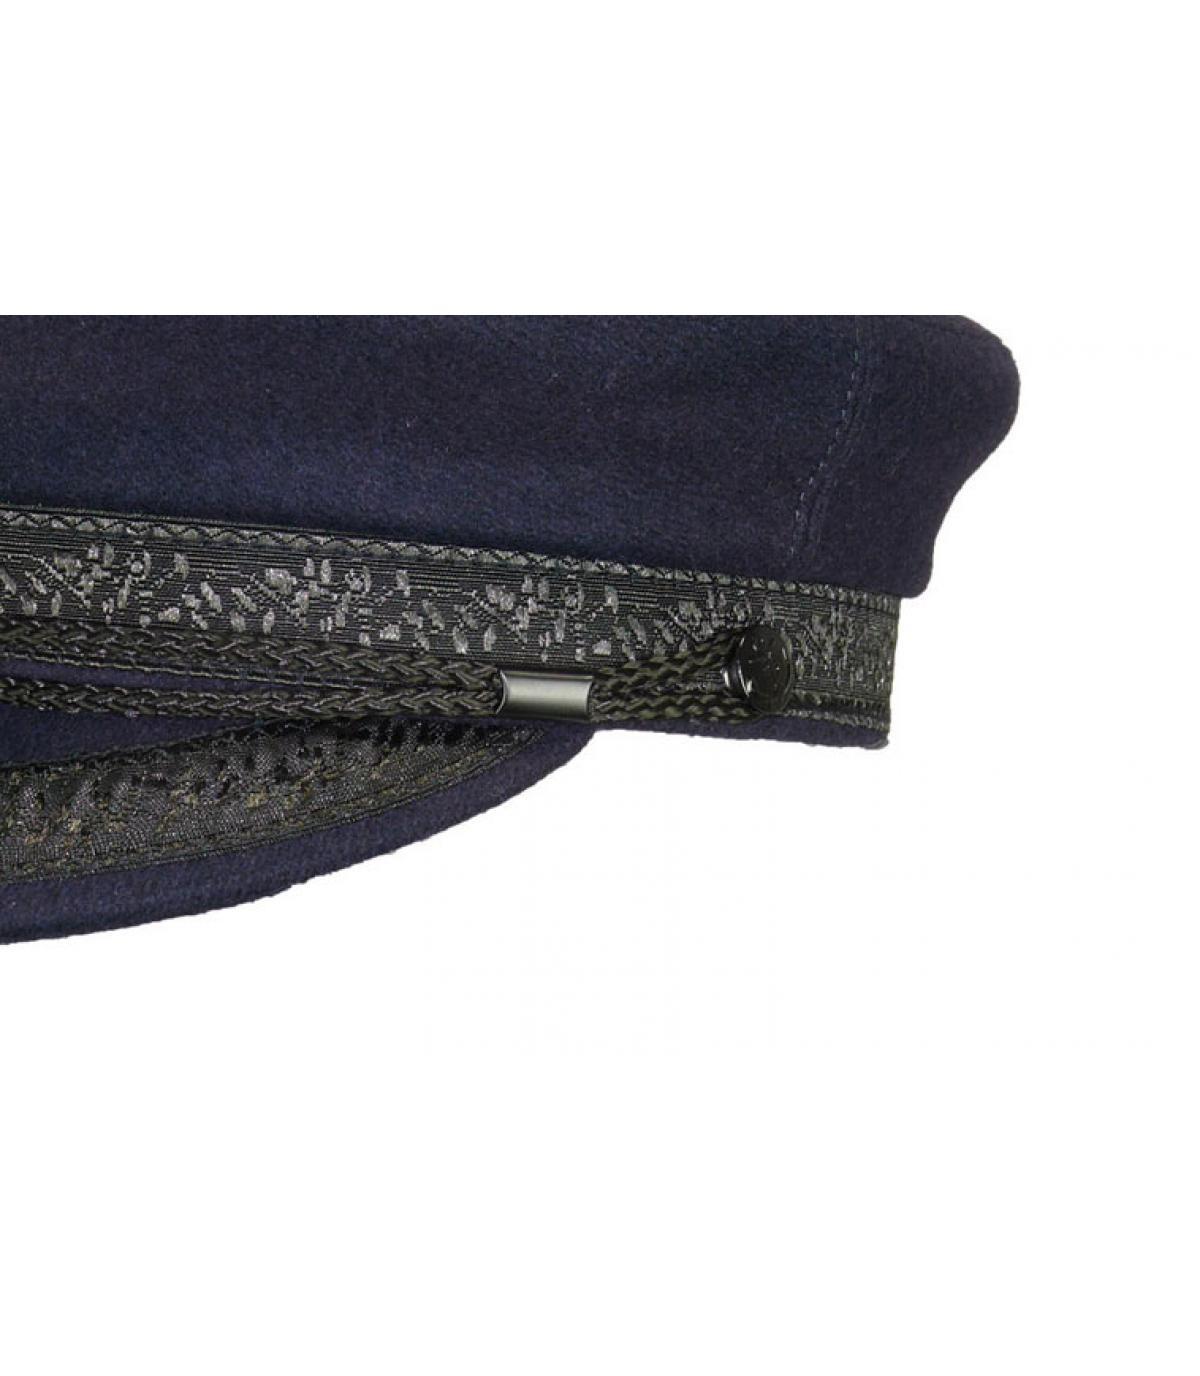 Details Marins navy - Abbildung 3